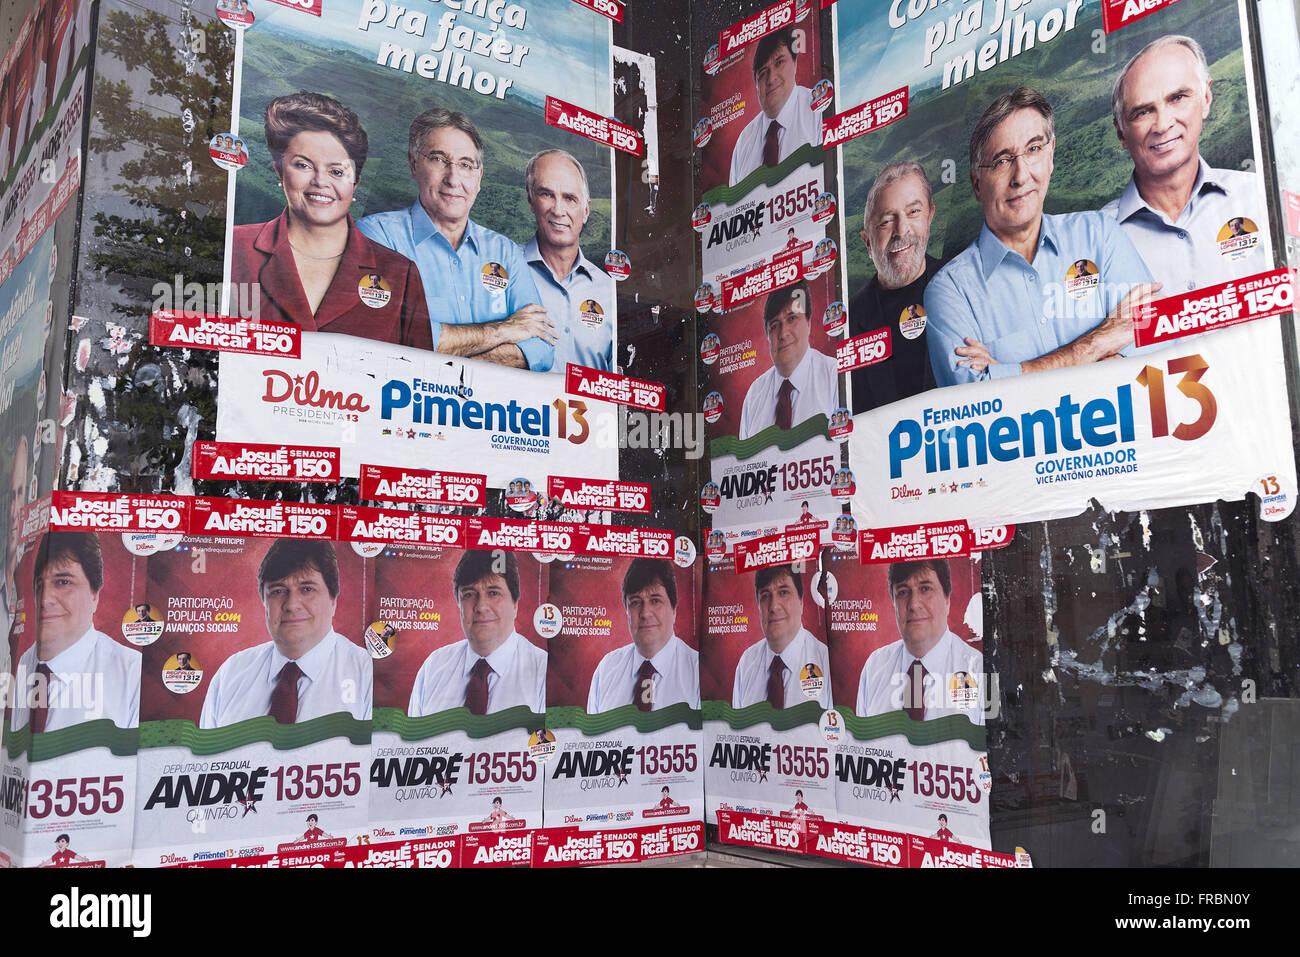 Political propaganda posters Stock Photo